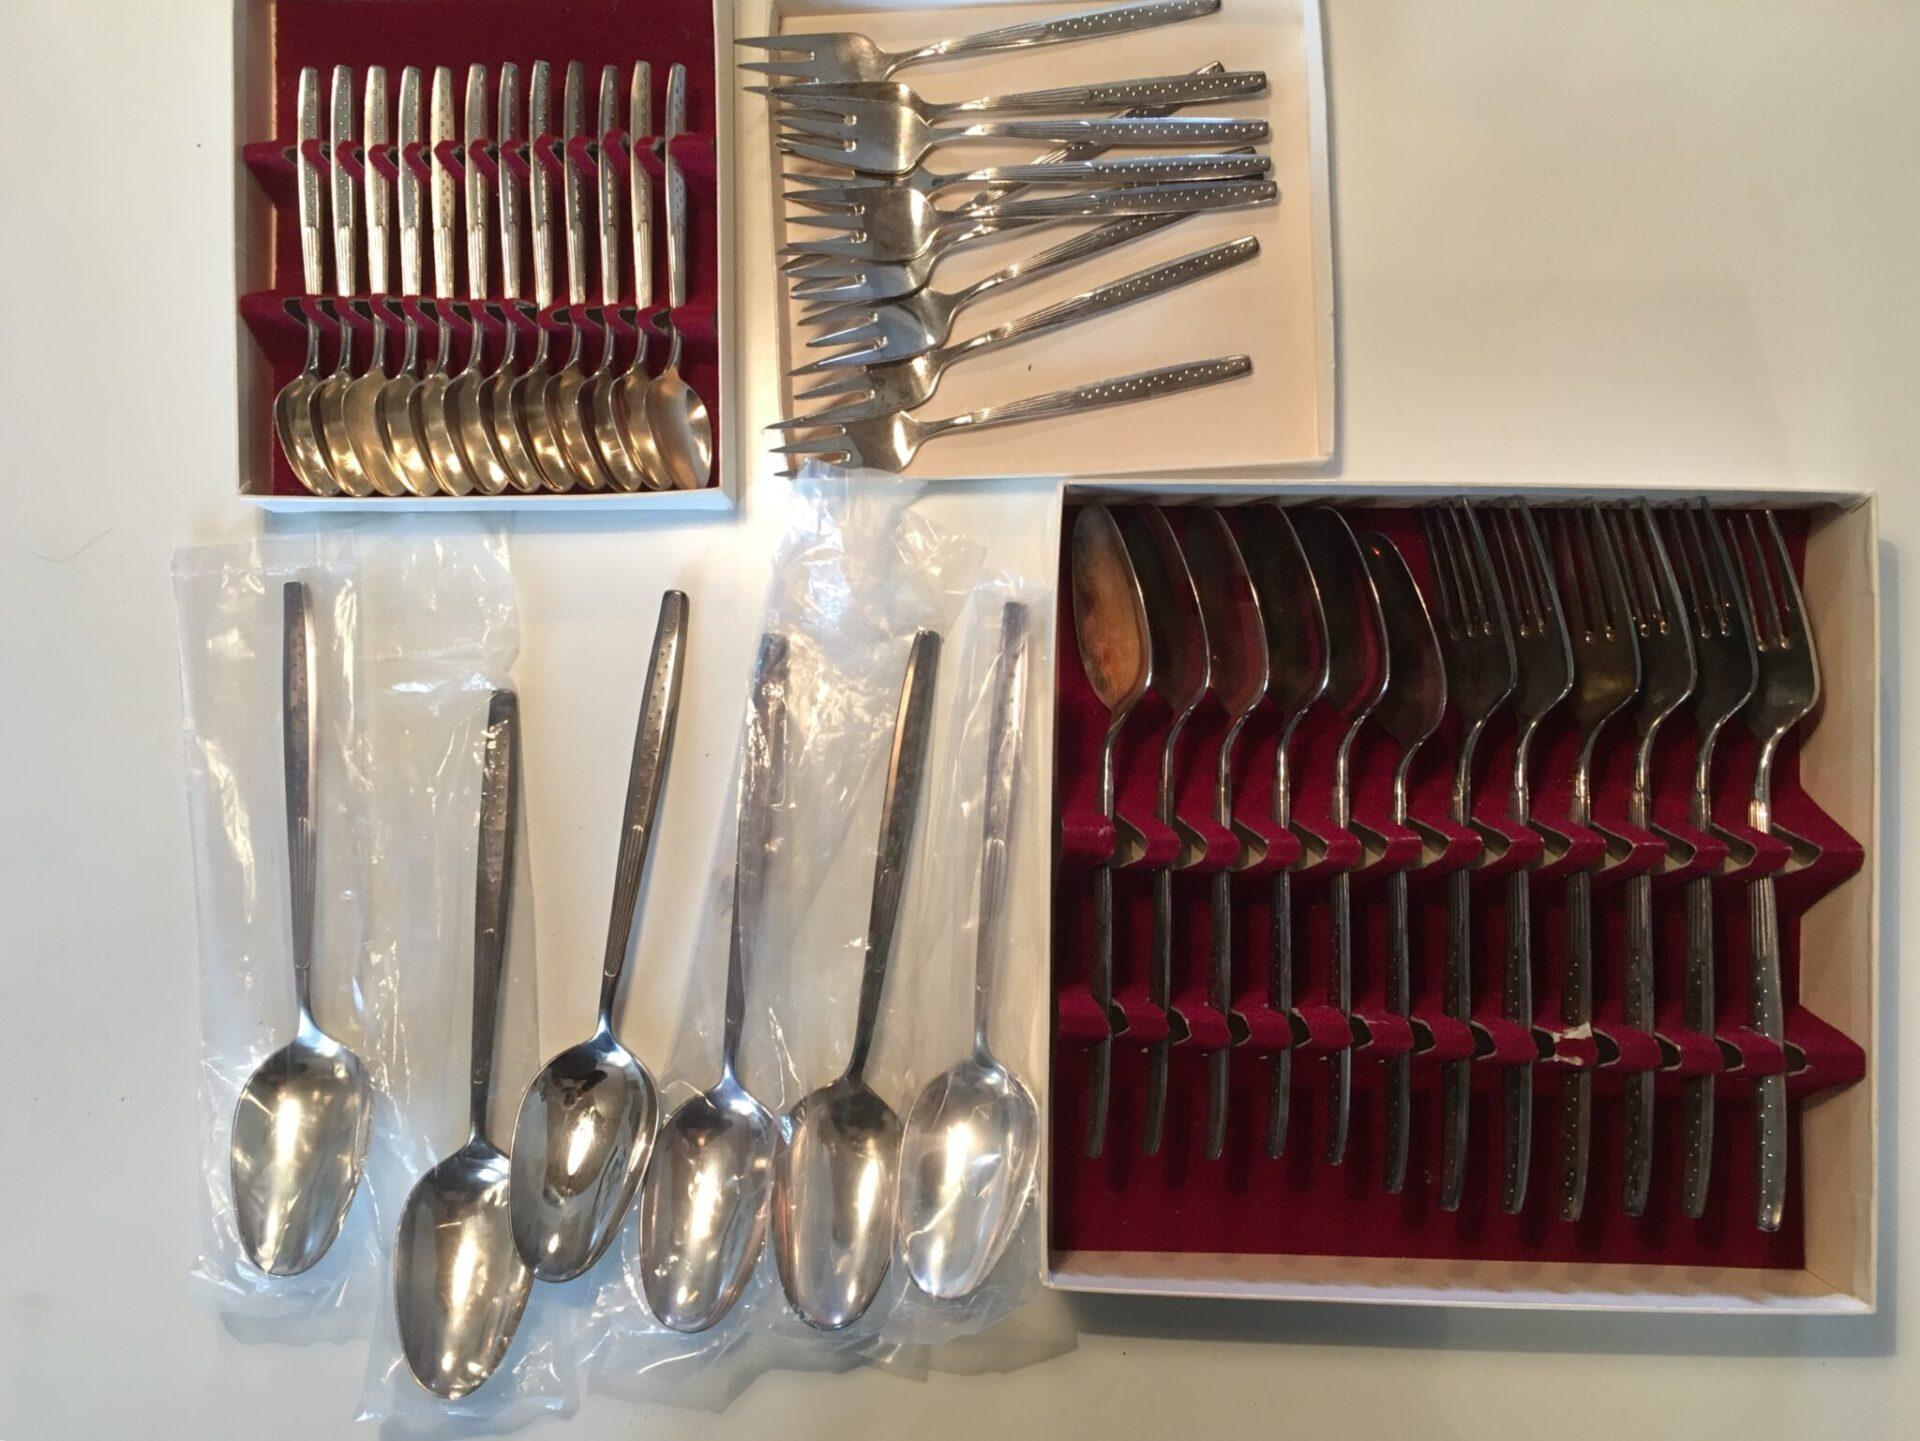 40 dele Vendig, KJA bestik, fremstår stort set ubrugt, sælges samlet for 500 kr, Originale æsker fra